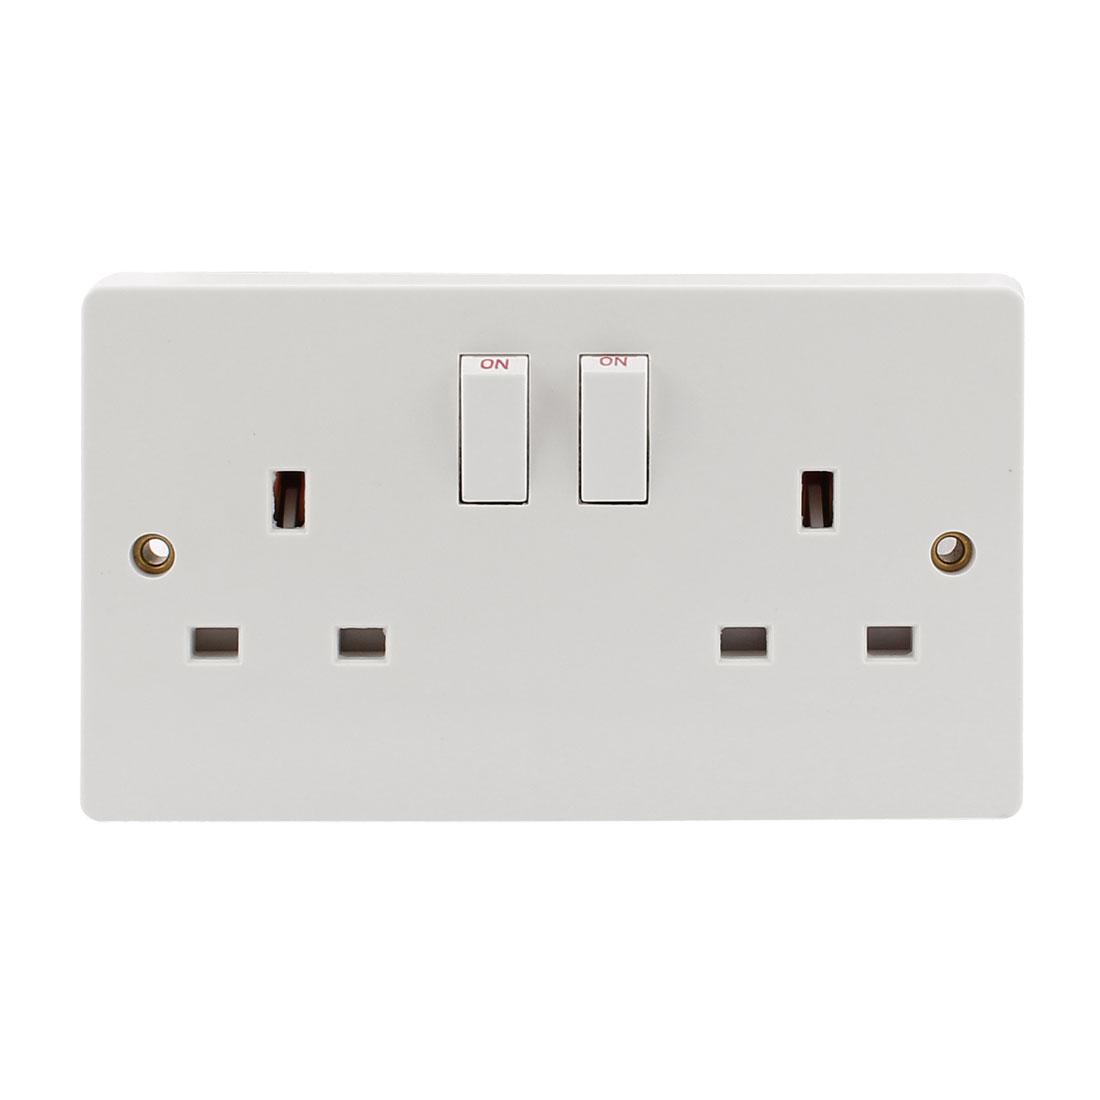 13A 250V Wall Dual Plug Socket 3x6 UK Standard Socket w 2 Switch